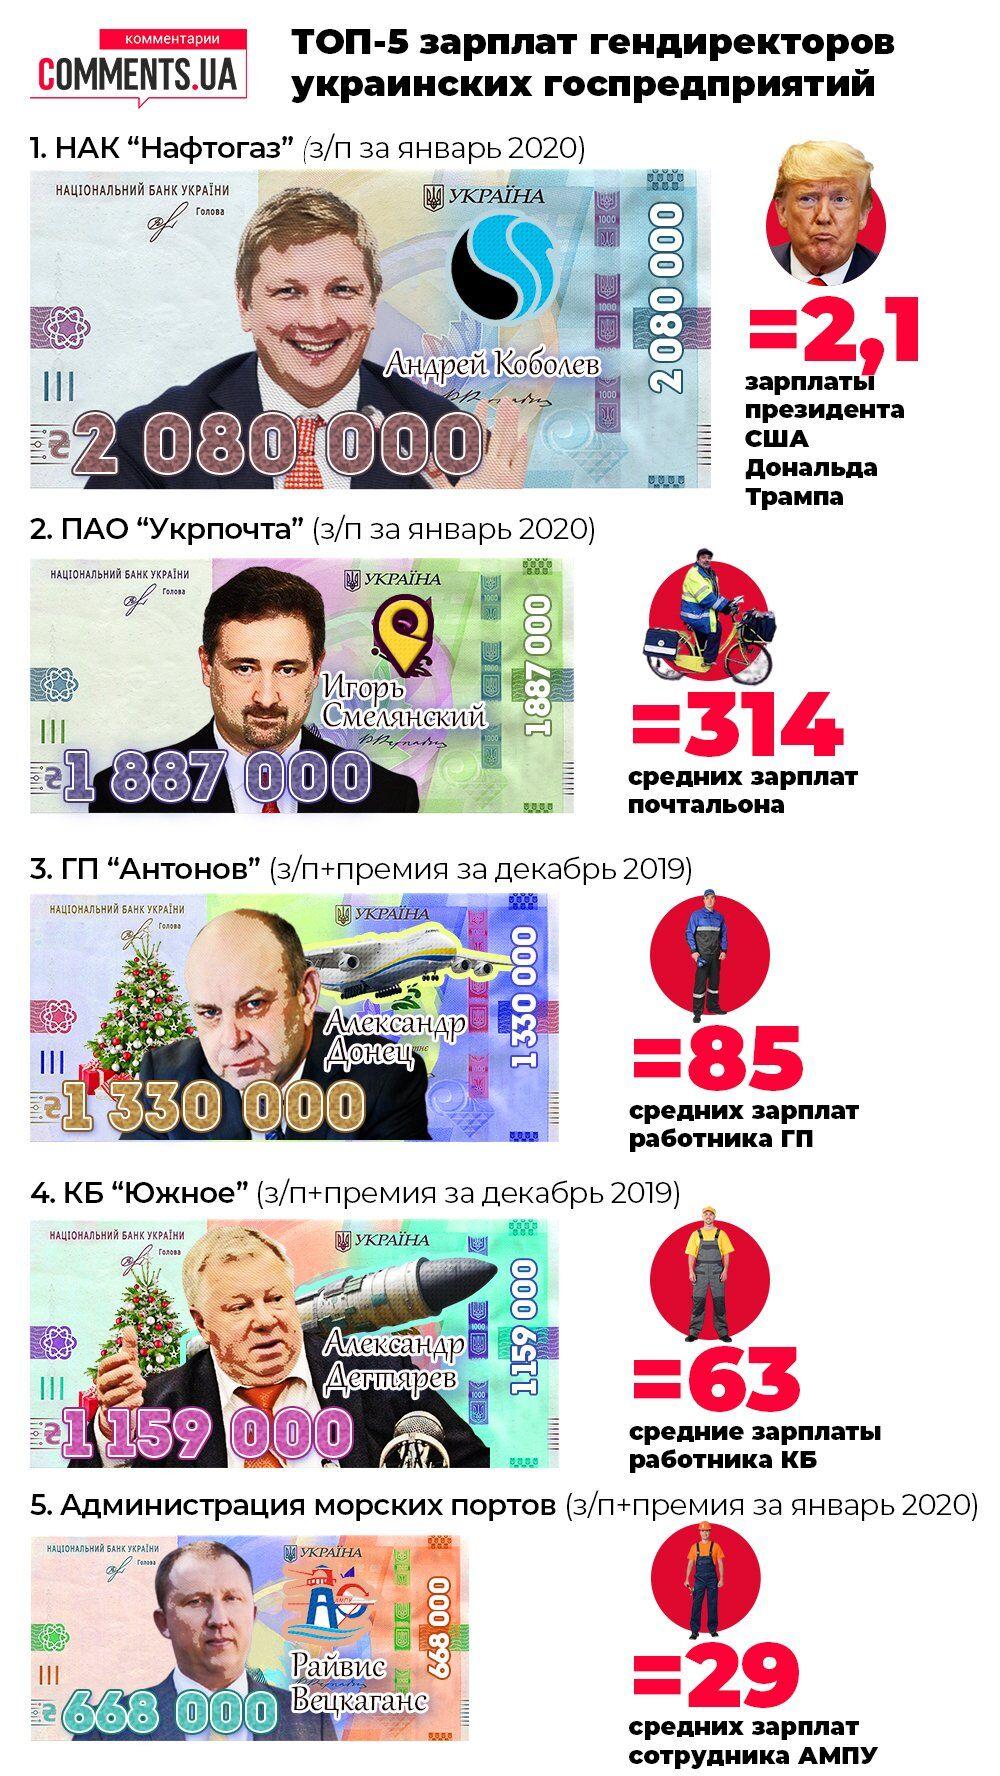 ТОП-5 зарплат гендиректорів українських державних підприємств